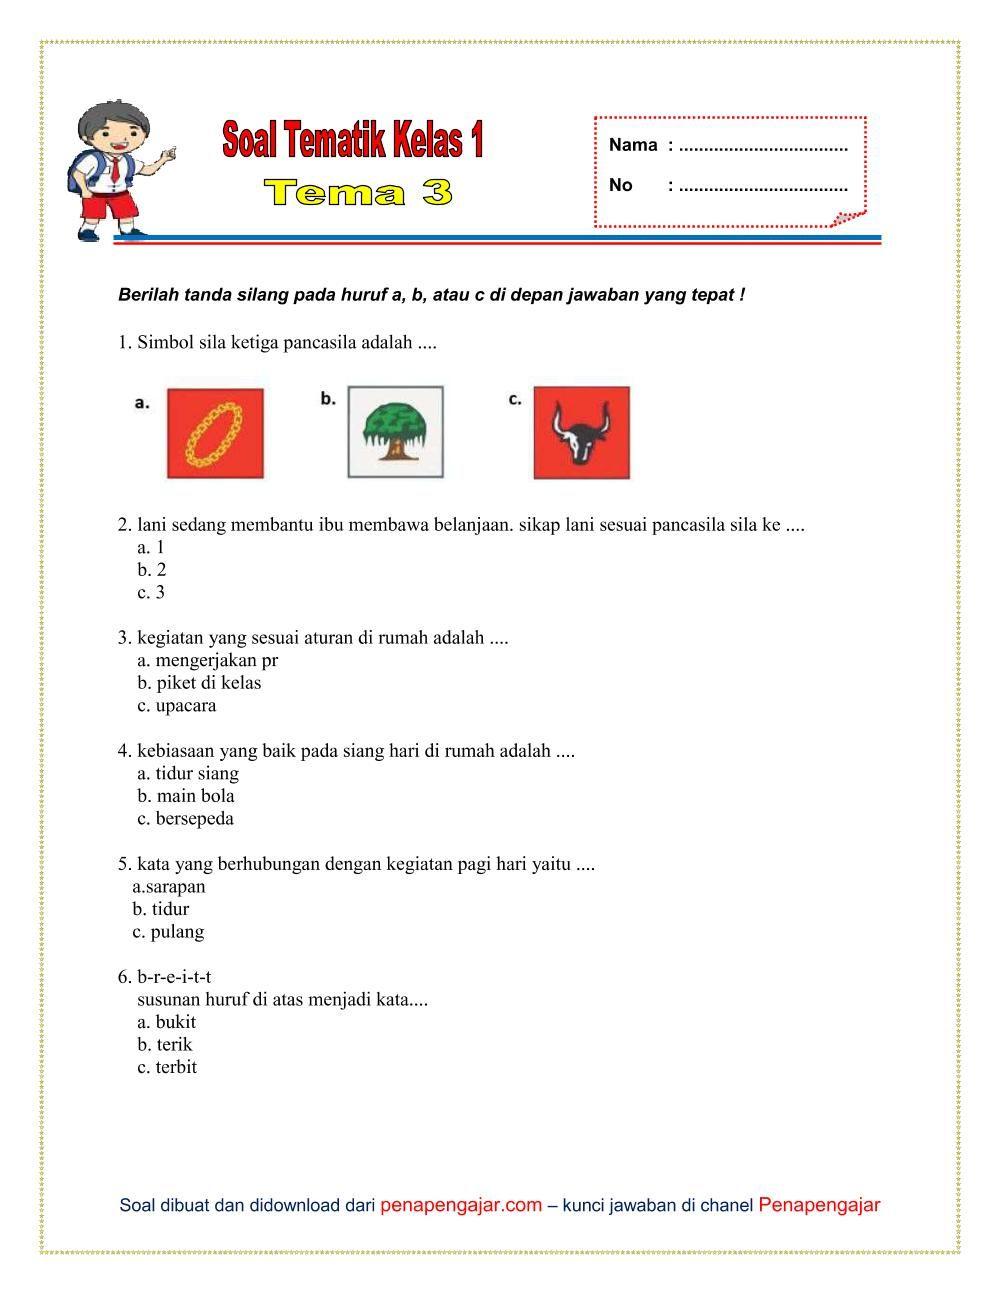 Soal Tema 3 Kelas 1 Semester 1 Kurikulum 2013 Revisi 2018 Kelas Satu Kurikulum Berkelas